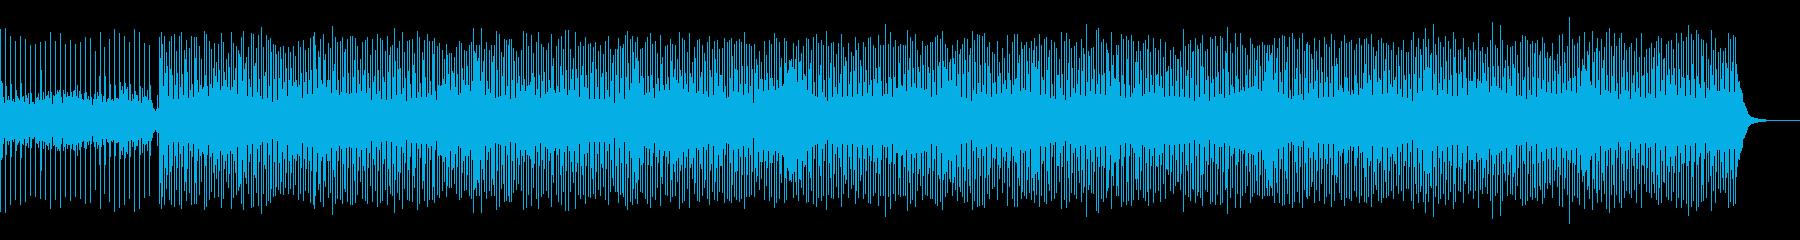 【メロ抜き】口笛やギターが明るく軽快なの再生済みの波形